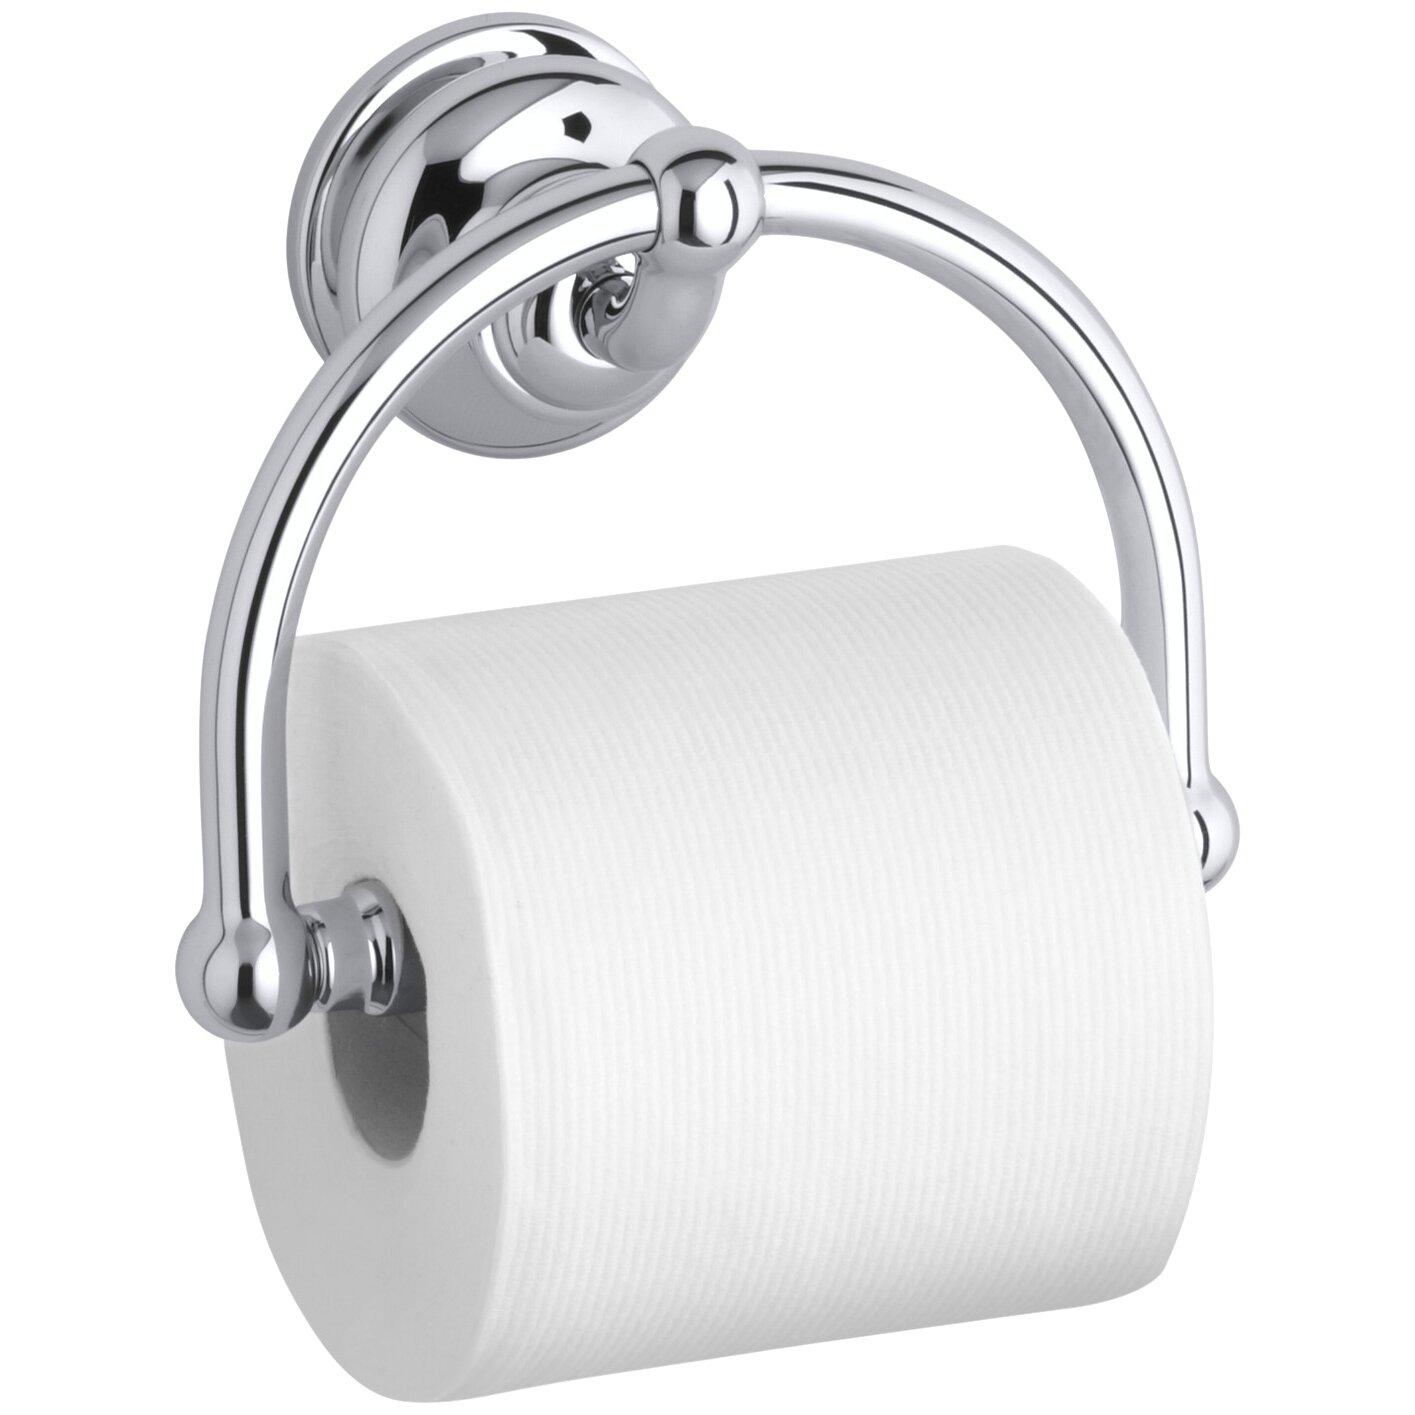 Kohler Fairfax Toilet Tissue Holder. Kohler Fairfax Toilet Tissue Holder   Reviews   Wayfair